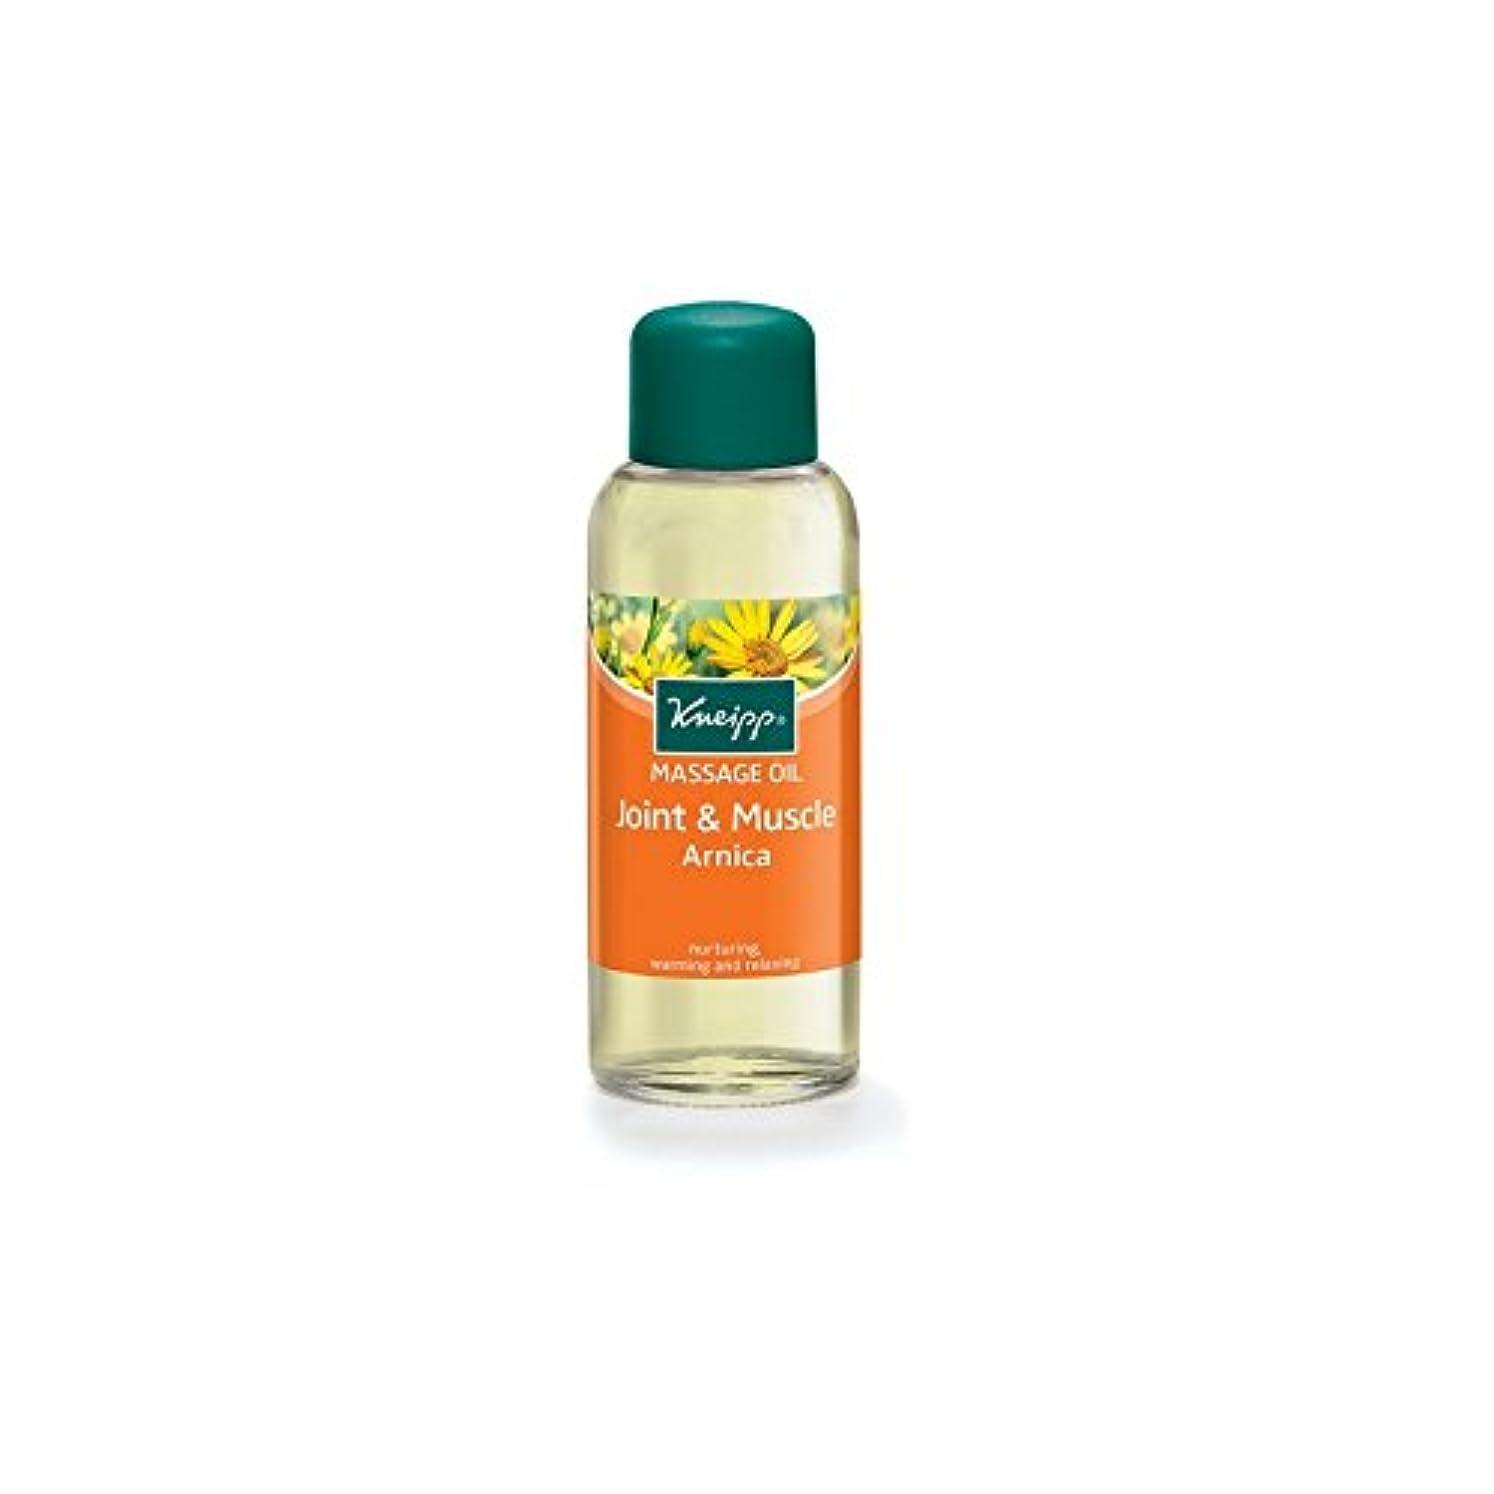 モスぐるぐる火山学Kneipp Joint and Muscle Arnica Massage Oil (100ml) (Pack of 6) - クナイプの関節や筋肉アルニカマッサージオイル(100ミリリットル) x6 [並行輸入品]